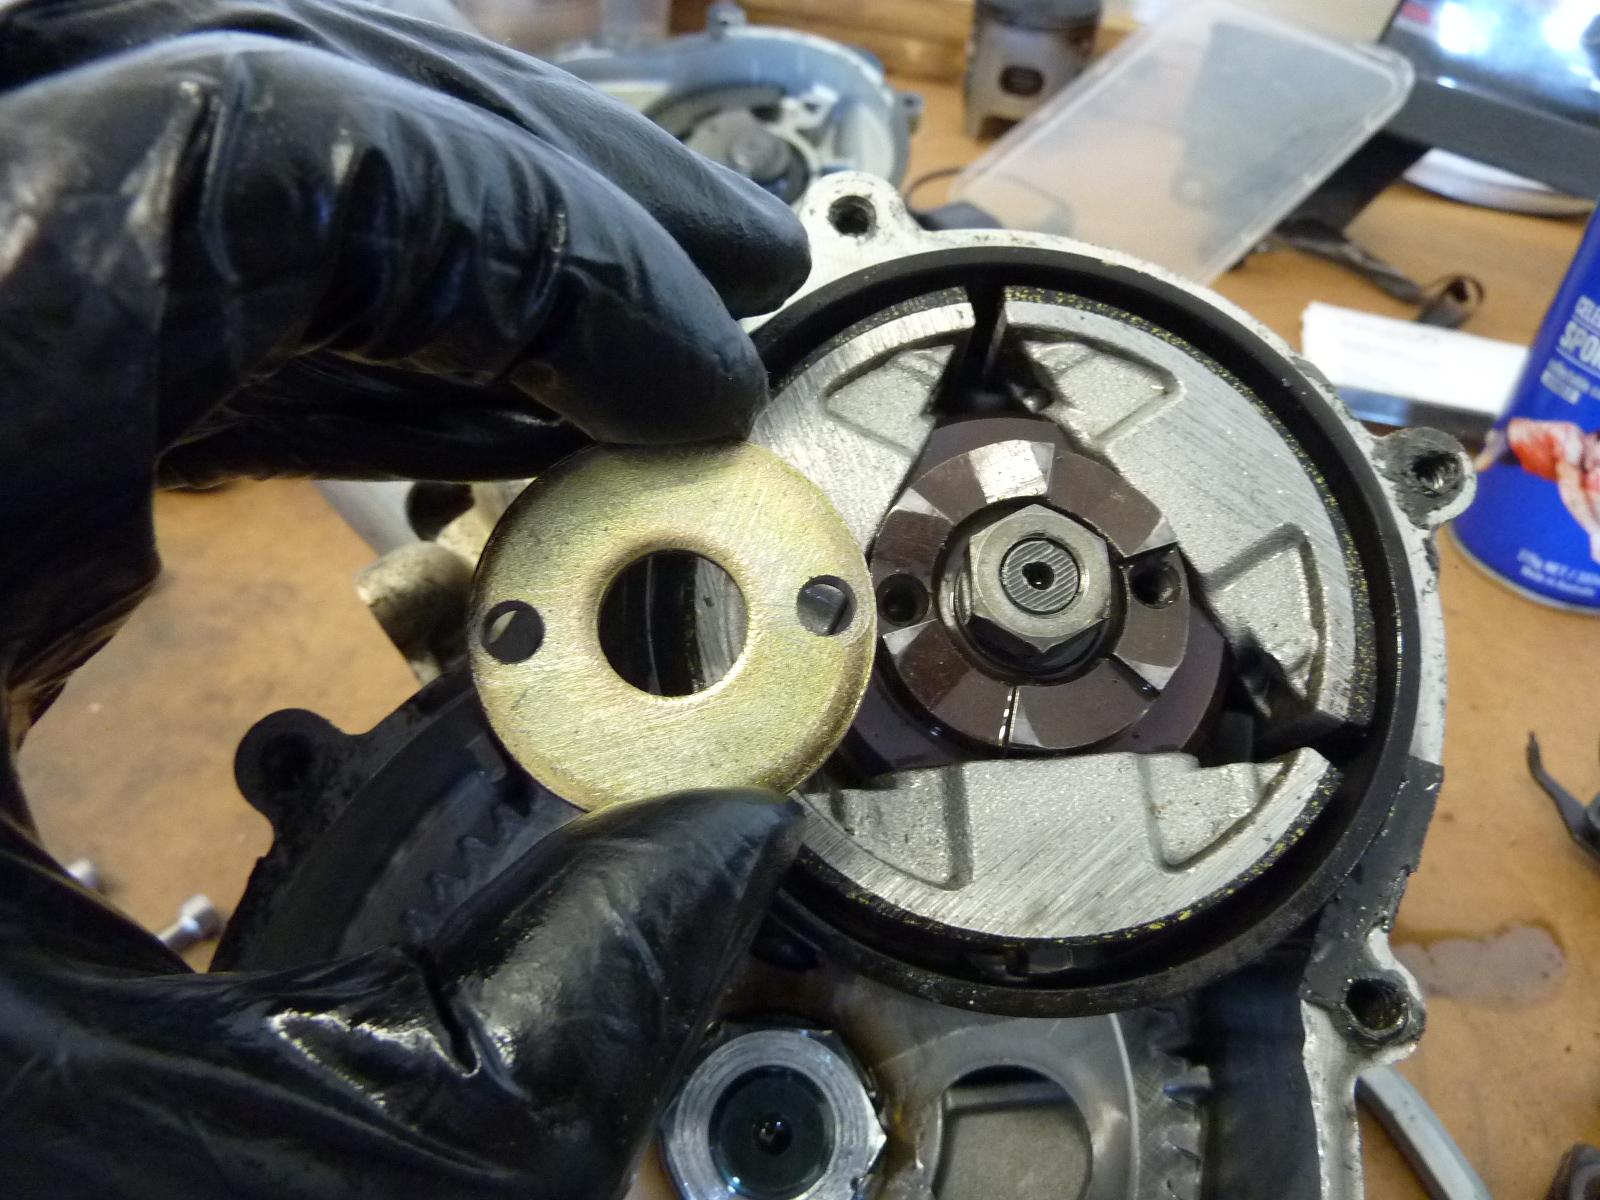 biketech7: ktm 50 mini adventure - the stripdown.